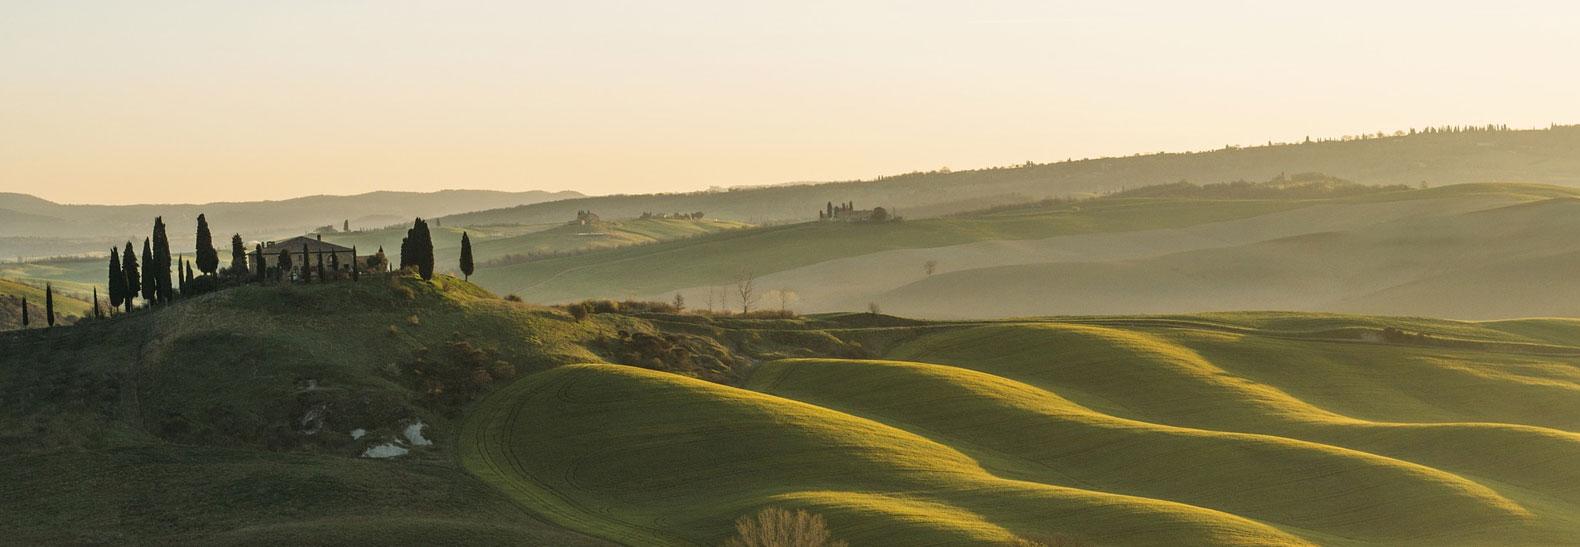 Matrimonio In Toscana Consigli : Matrimonio in toscana per stranieri consigli e